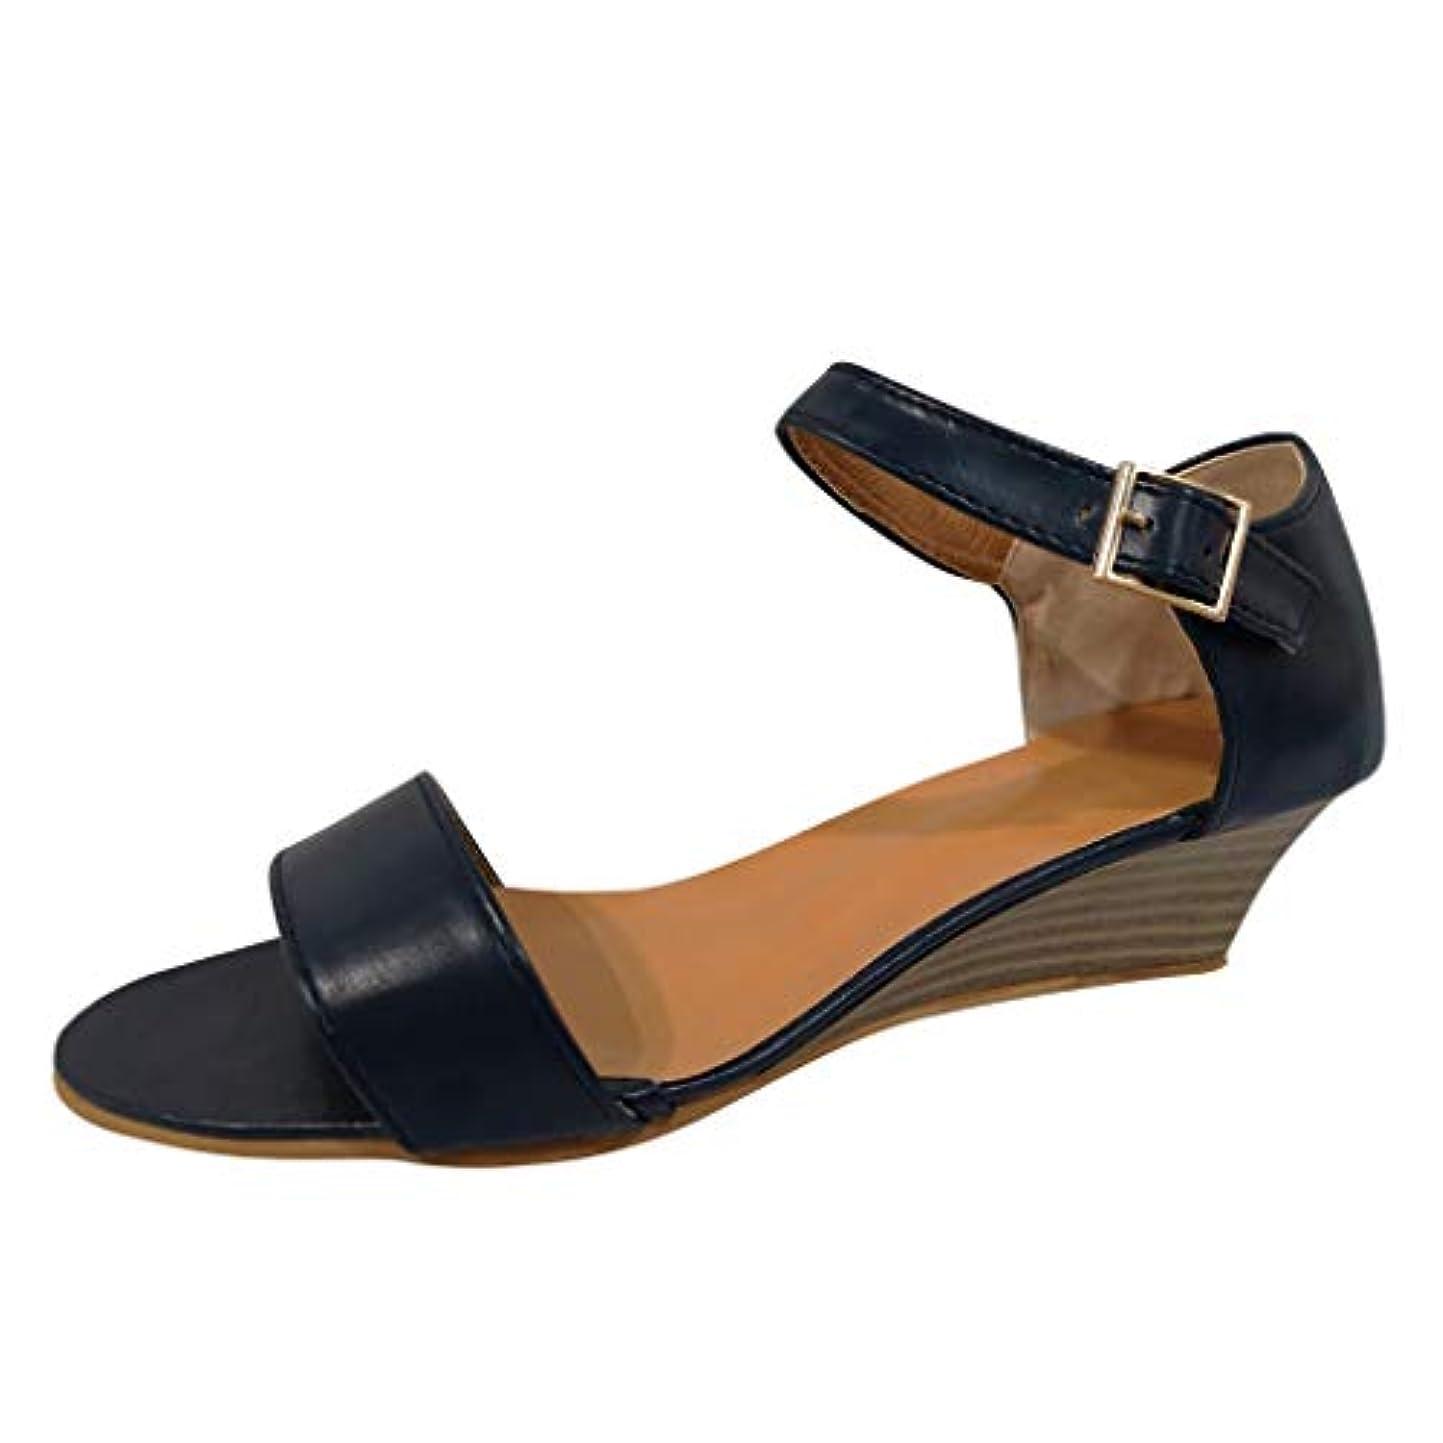 悩み合併玉美脚 ウェッジソール Foreted ミュール サンダル ローヒール 黒 ウエッジ 靴 歩きやすい 疲れないカジュアル コンフォートサンダル ストラップ 痛くない